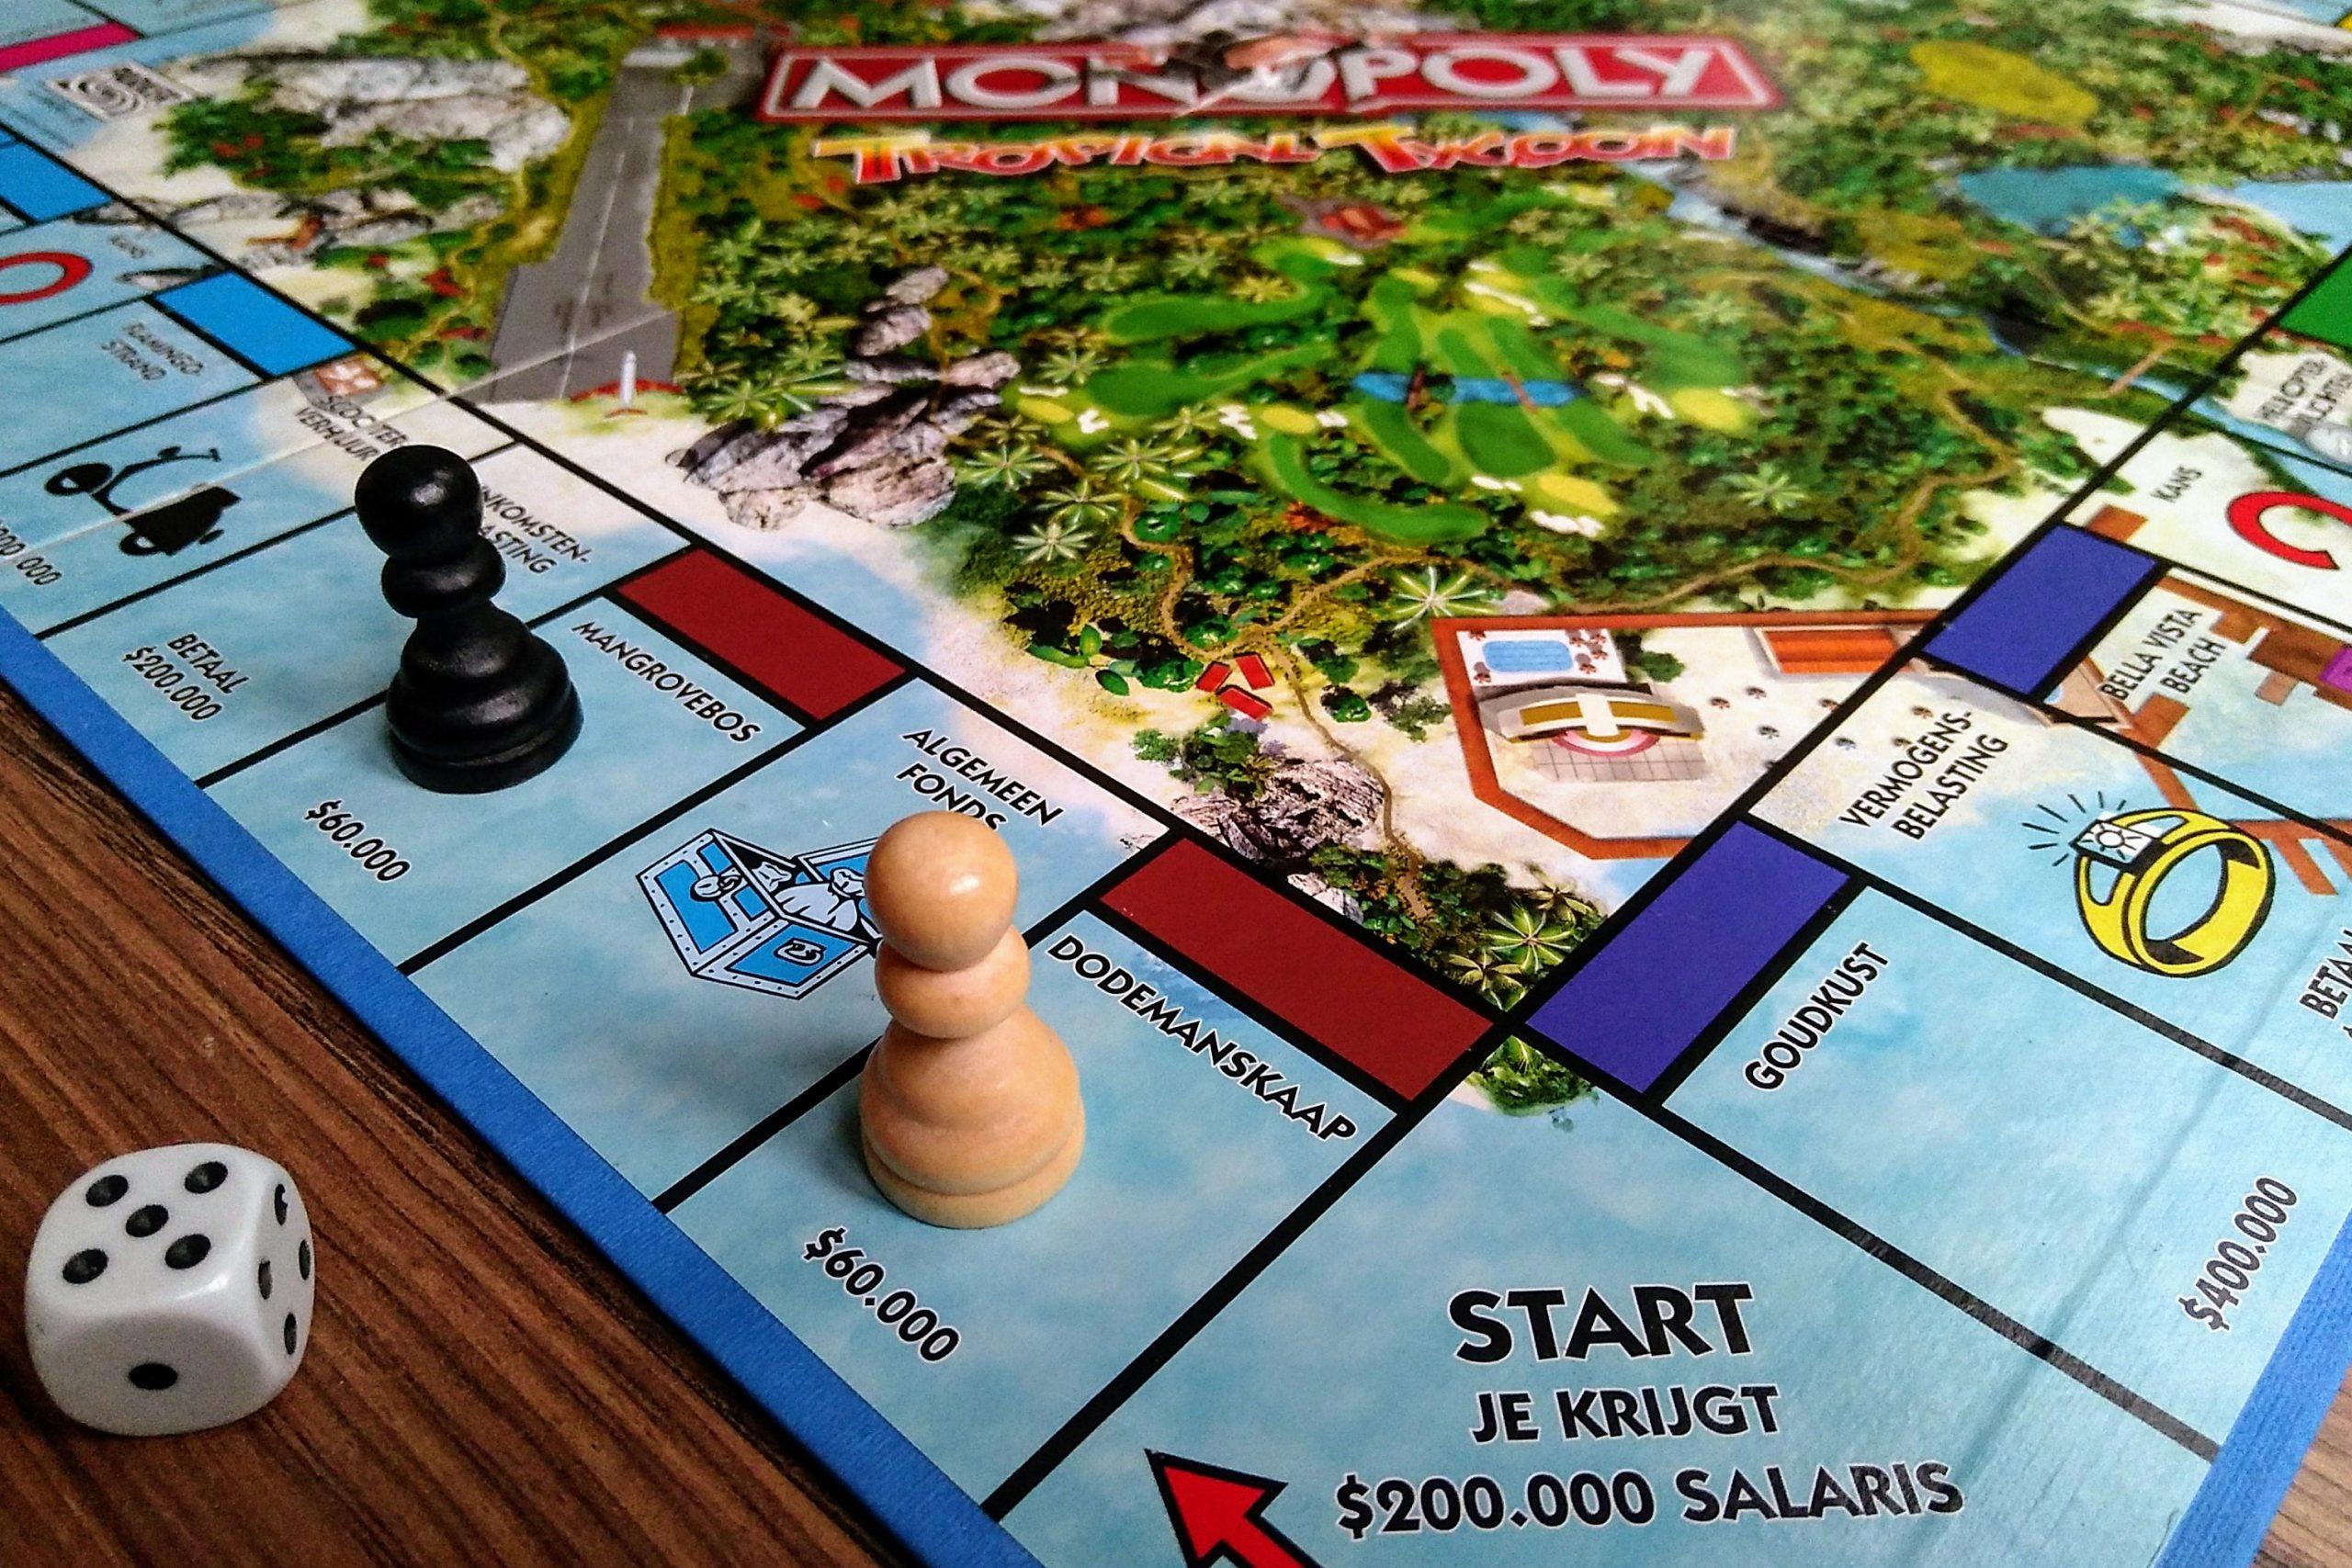 monopolie spelbord met dobbelsteen en twee pionnen